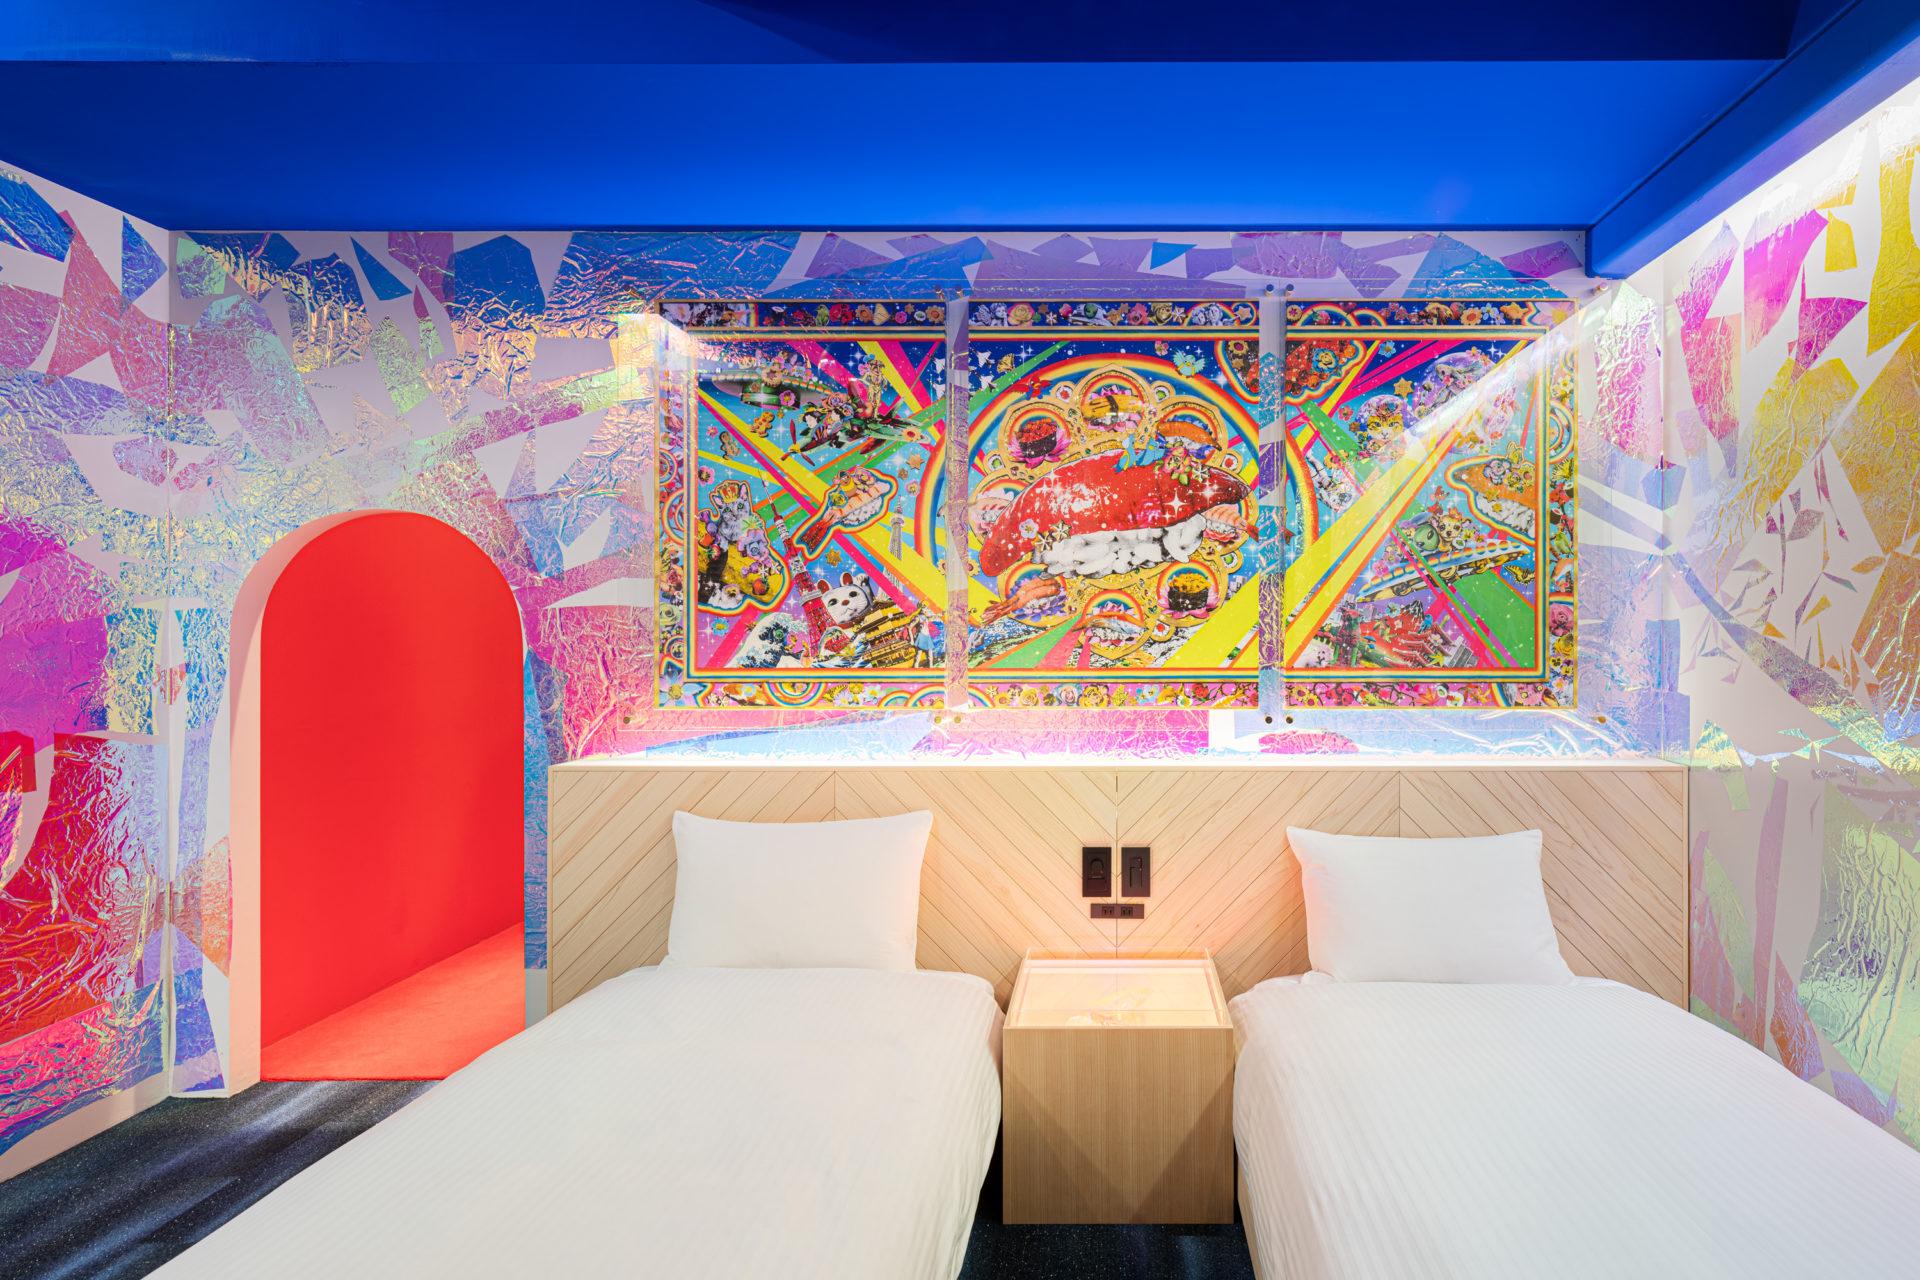 泊まれるアートホテル『BnA_WALL日本橋』で感性を磨く